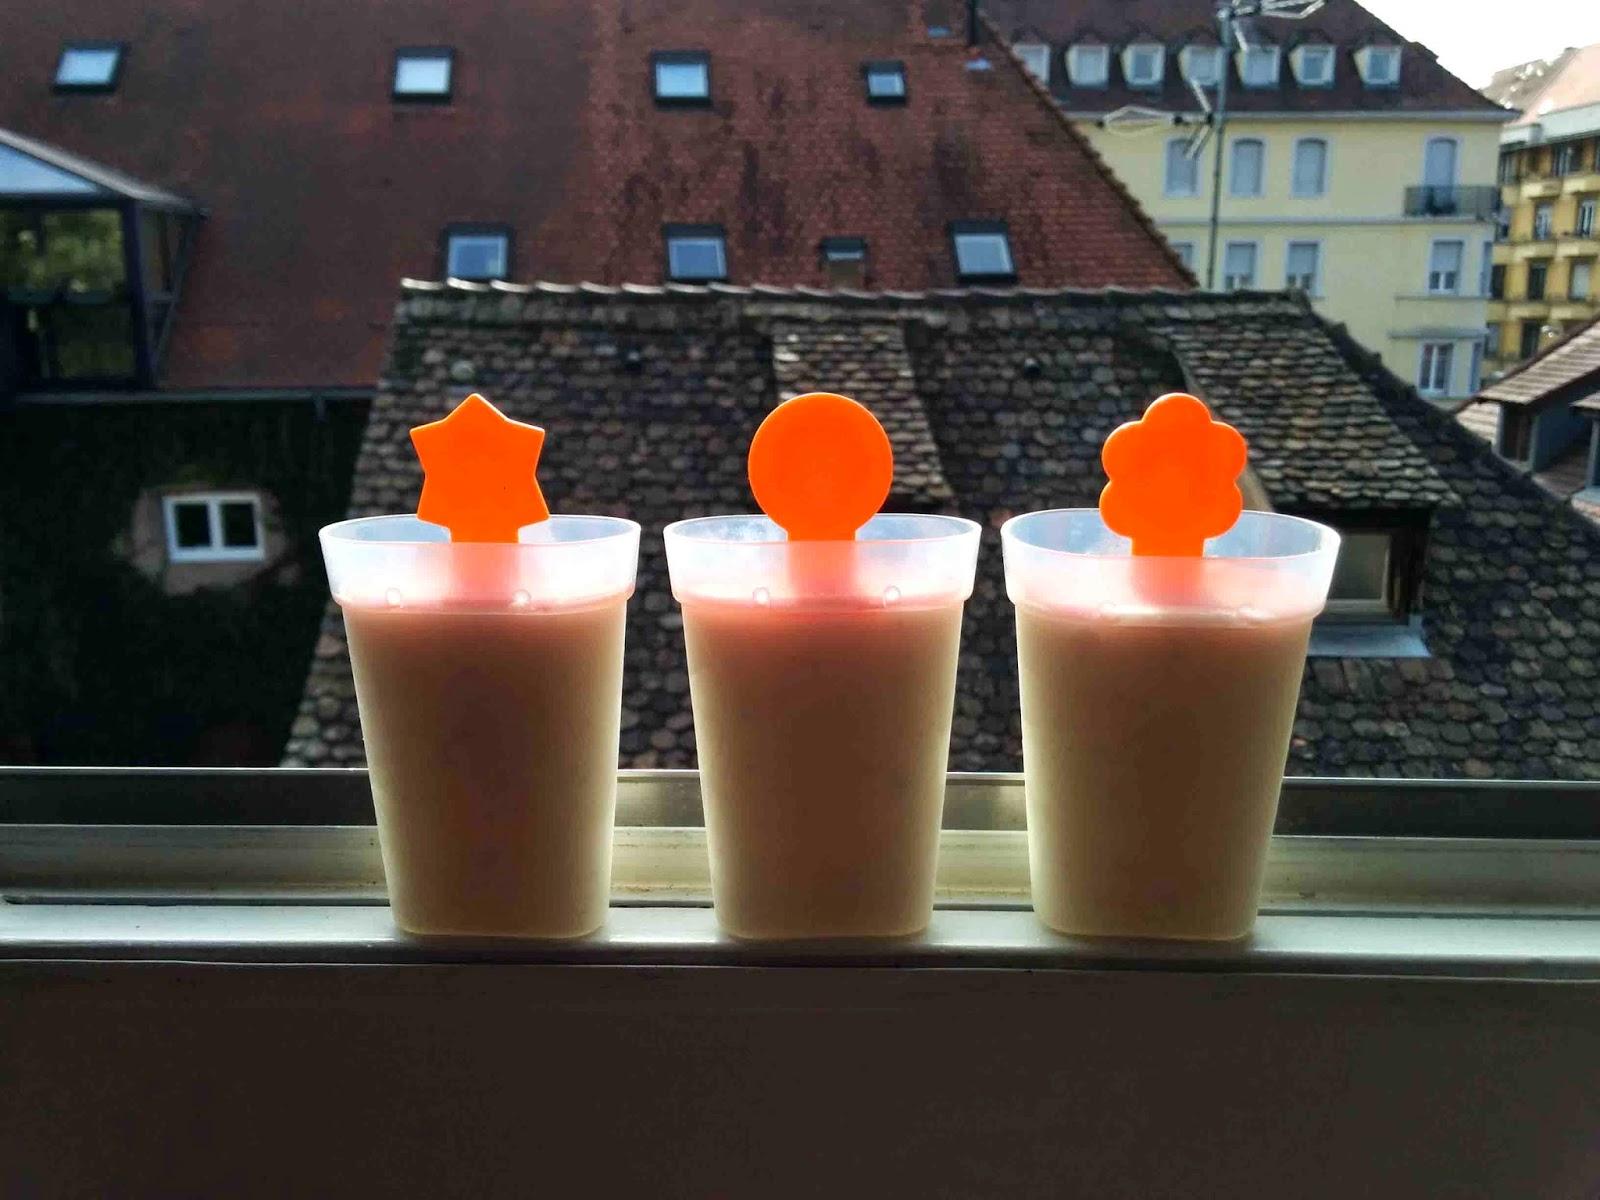 http://camilleenchocolat.blogspot.fr/2014/10/glaces-au-lait-de-coco-et-chocolat-blanc.html